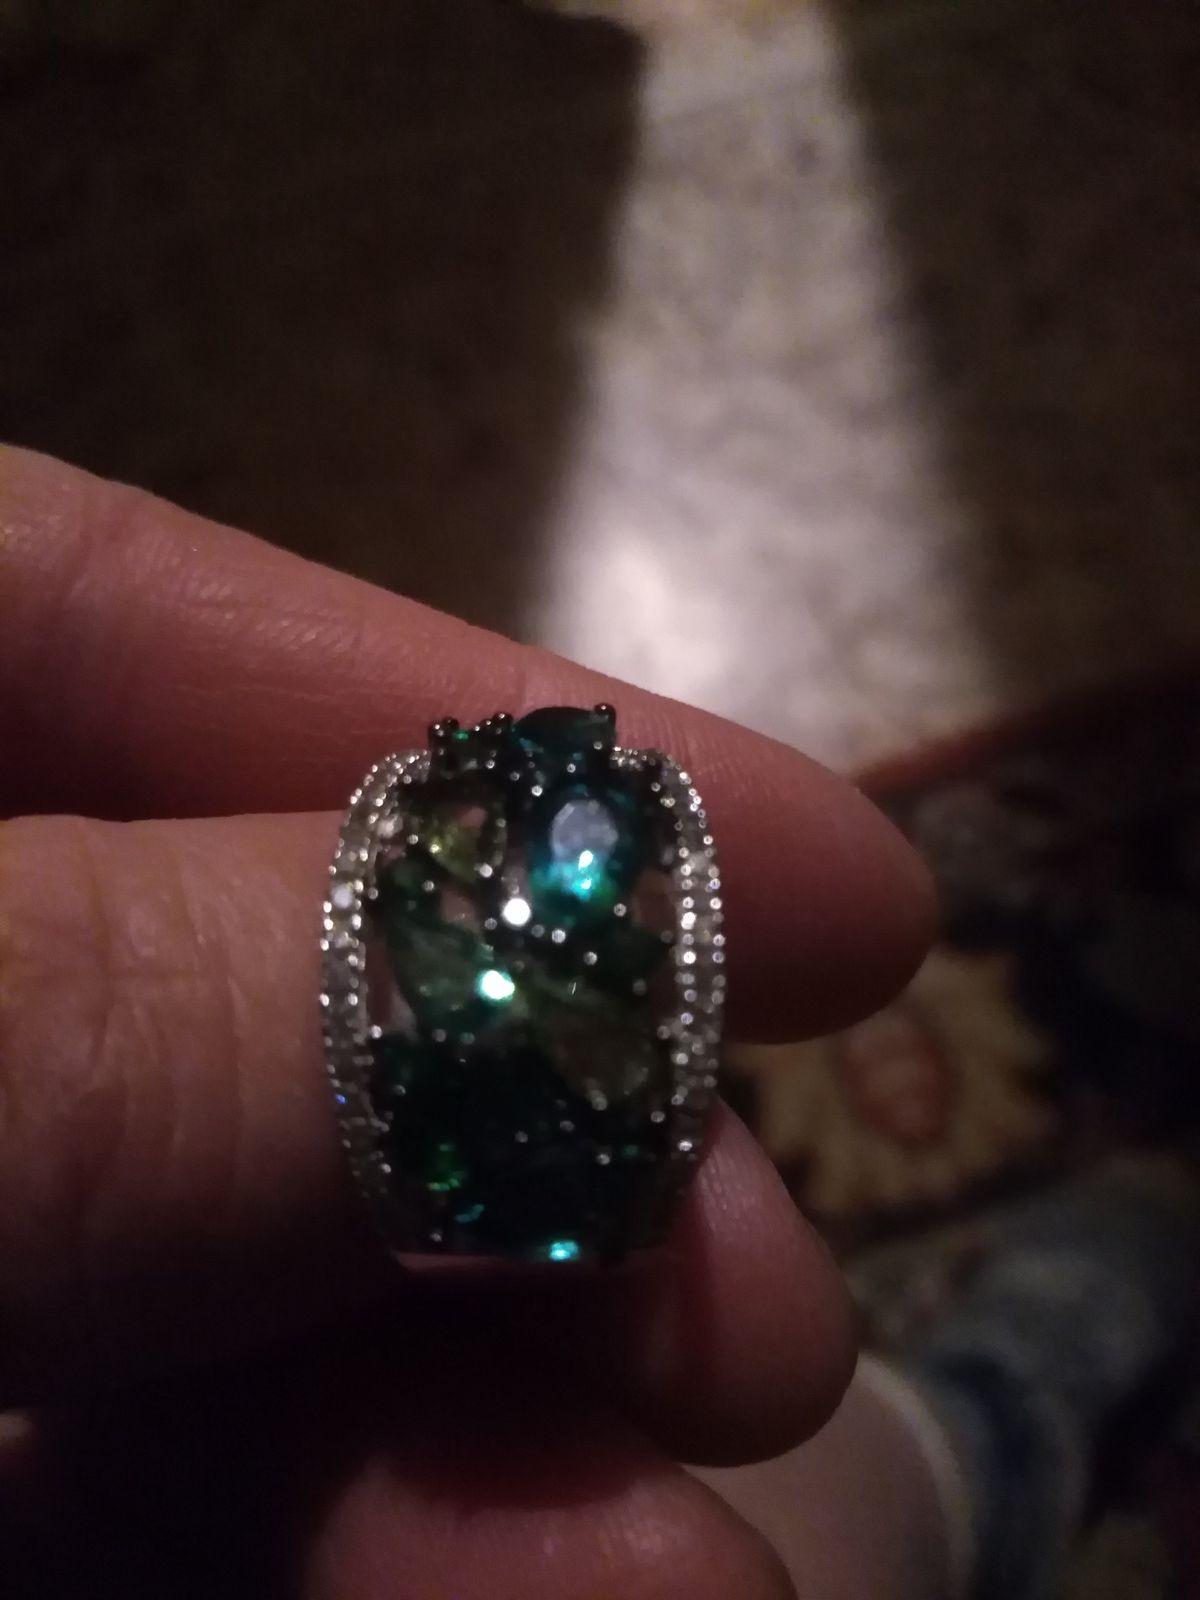 Кольцо с фианитами разного оттенка зеленого